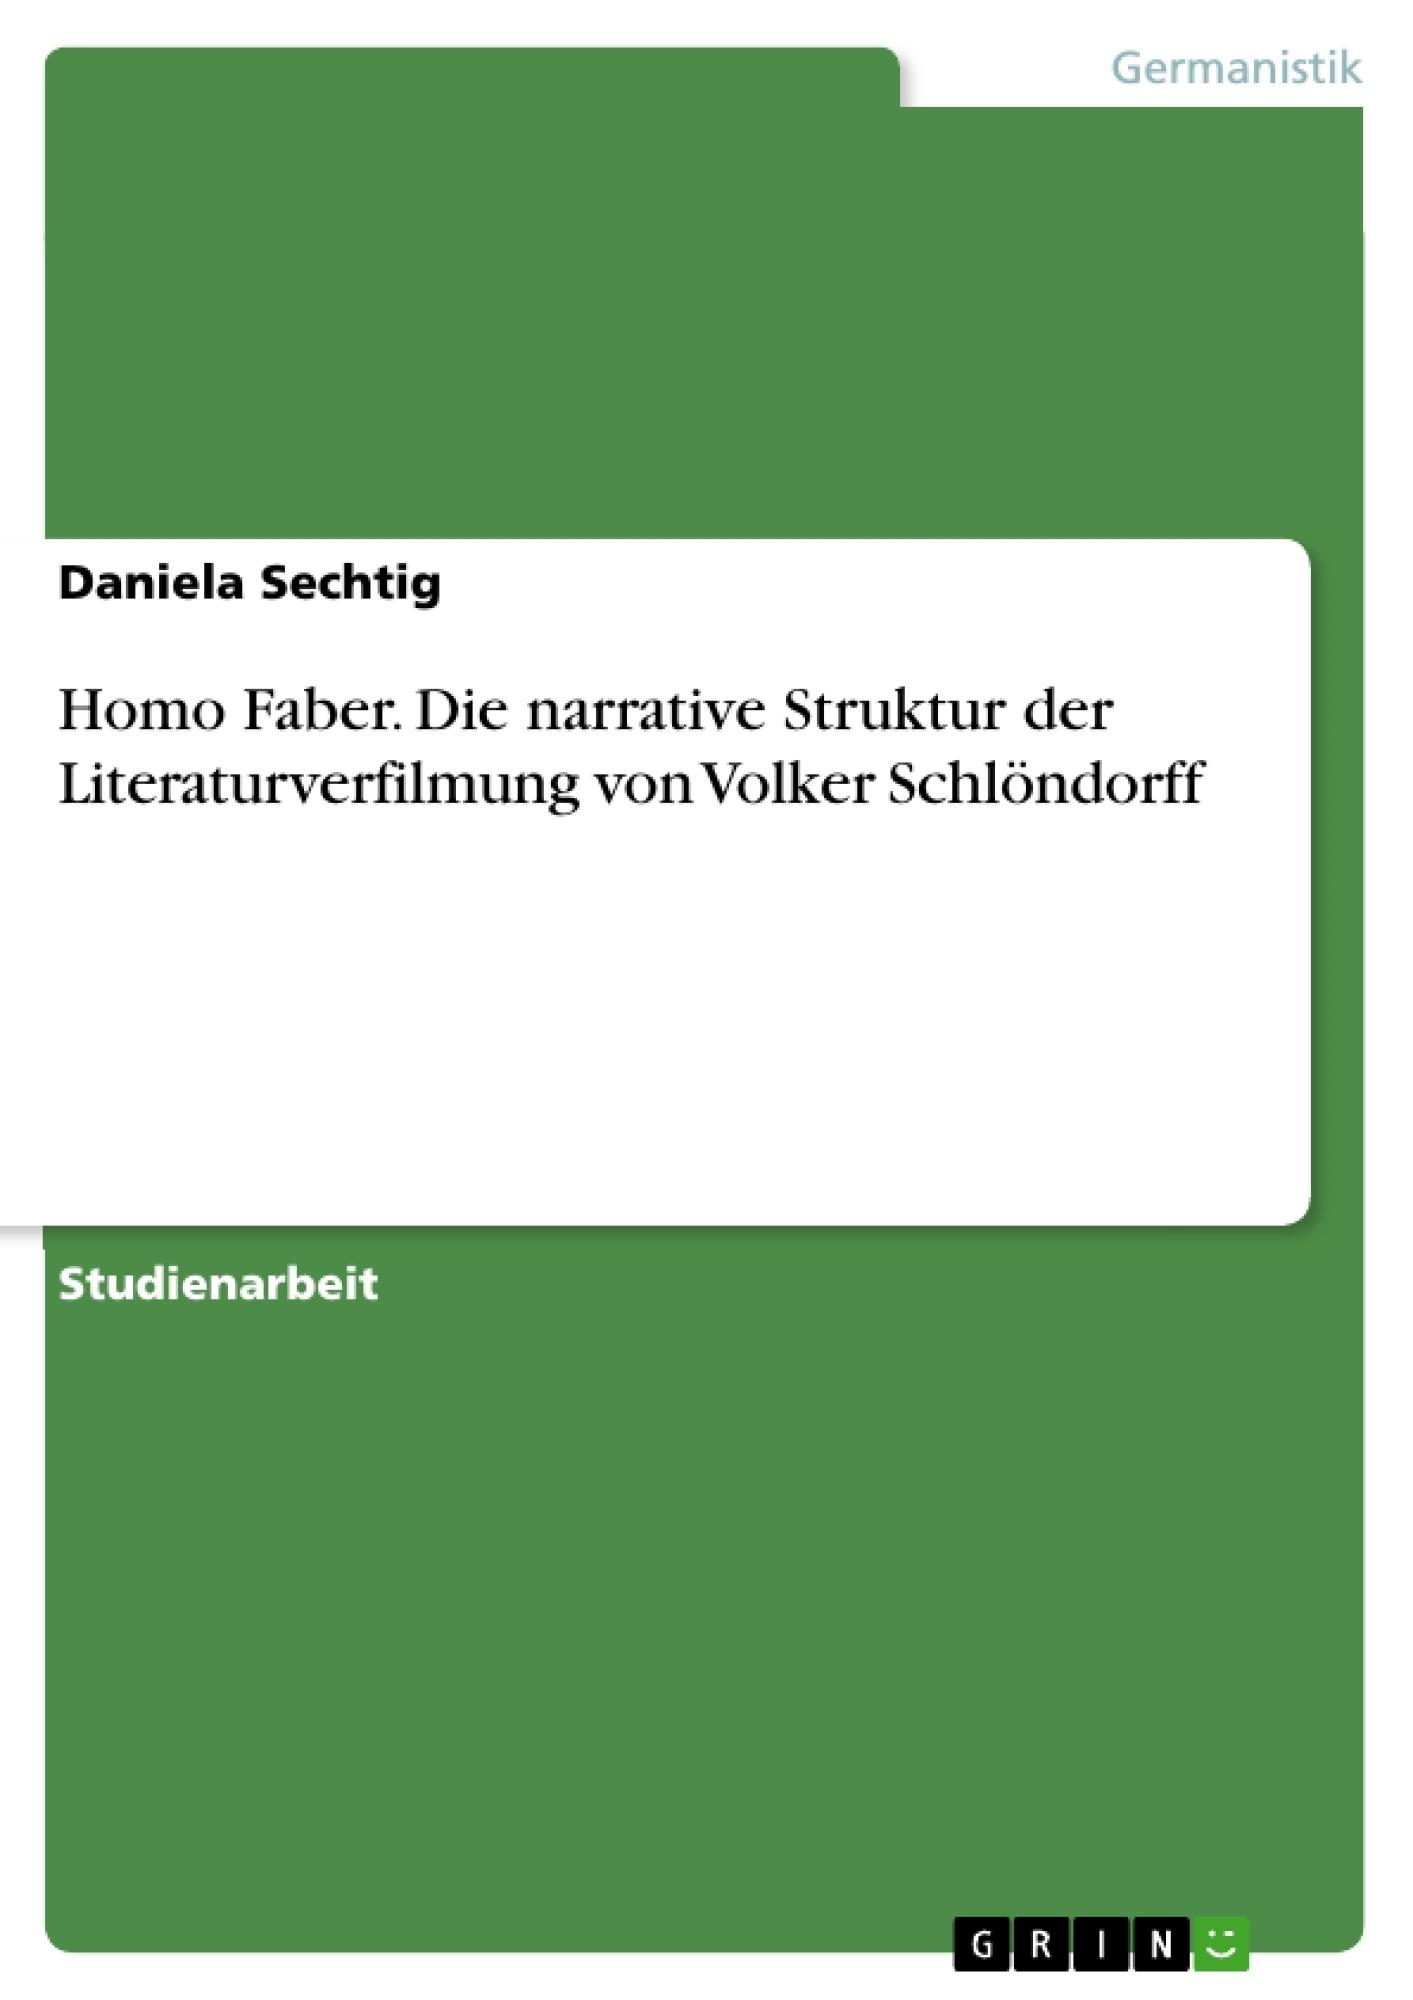 Titel: Homo Faber. Die narrative Struktur der Literaturverfilmung von Volker Schlöndorff